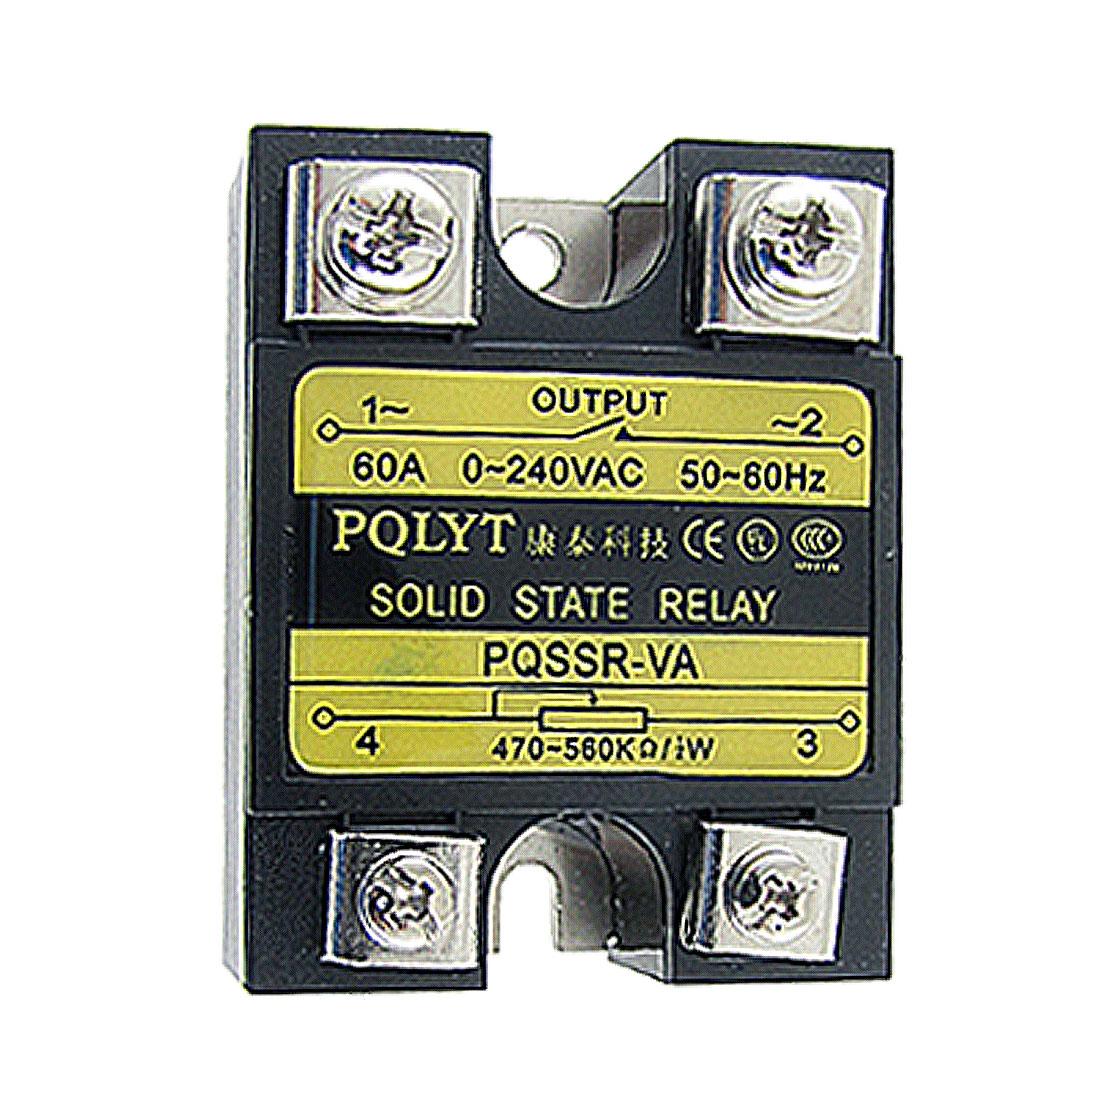 60A 0-240V AC SSR-60VA Solid State Relay Voltage Resistance Regulator